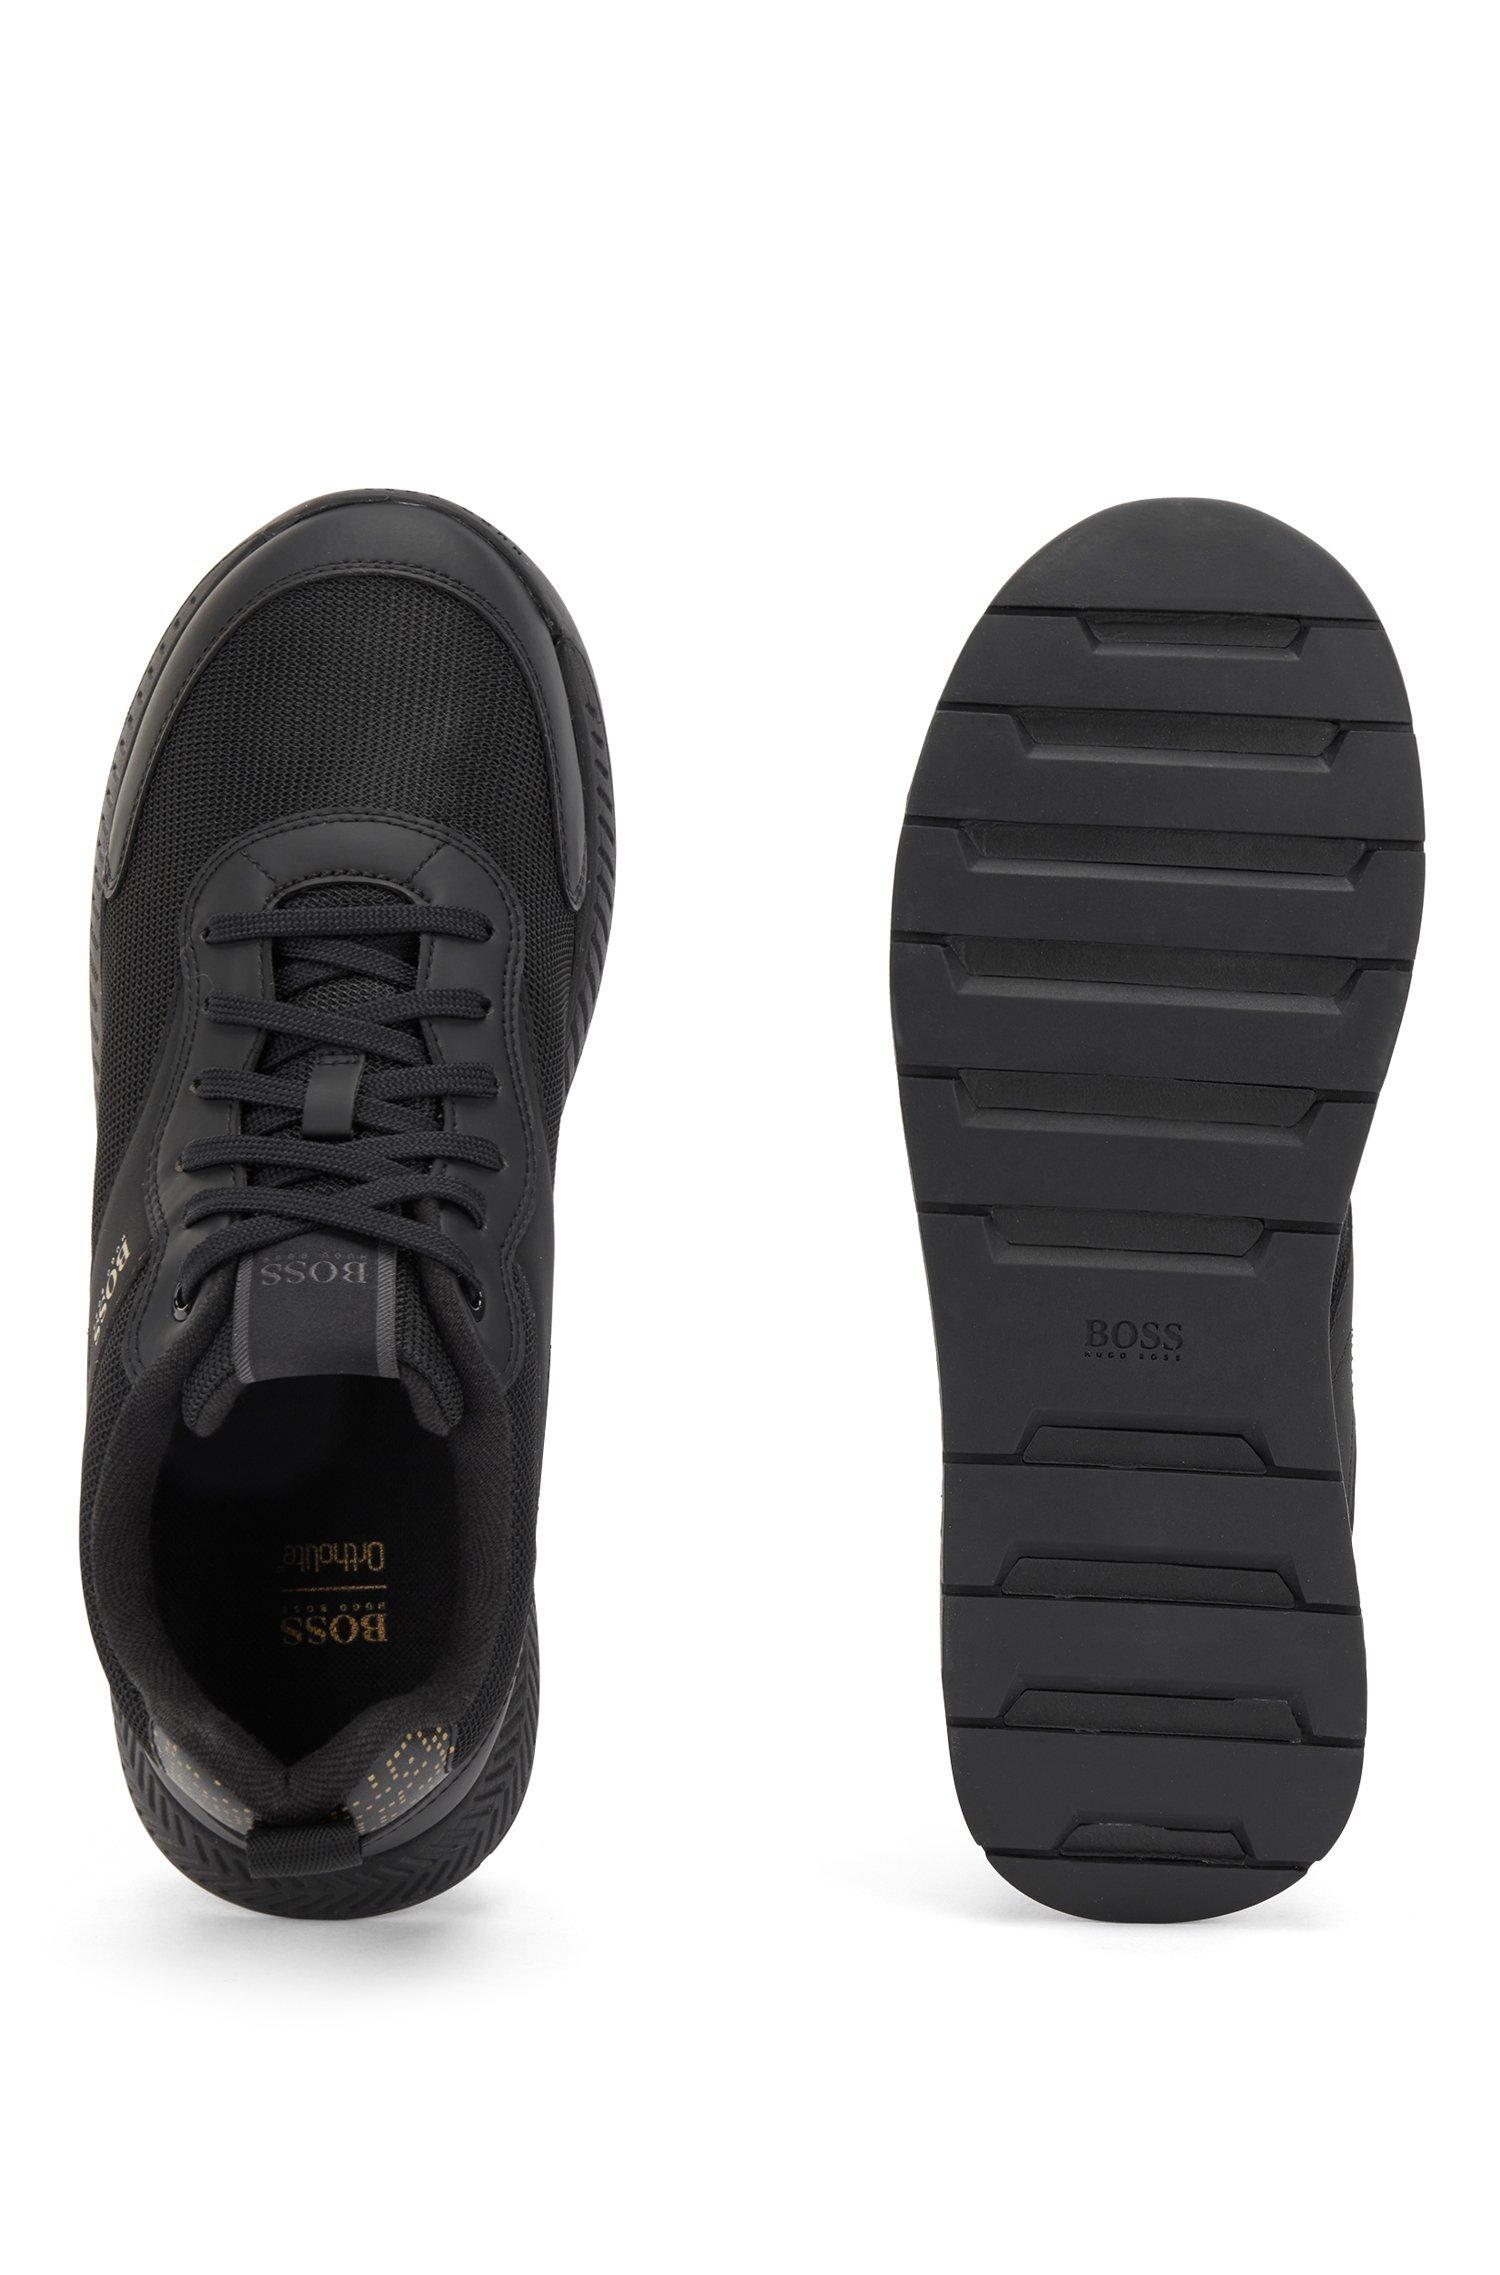 Hugo Boss Pixel-print sneakers, sort, 46